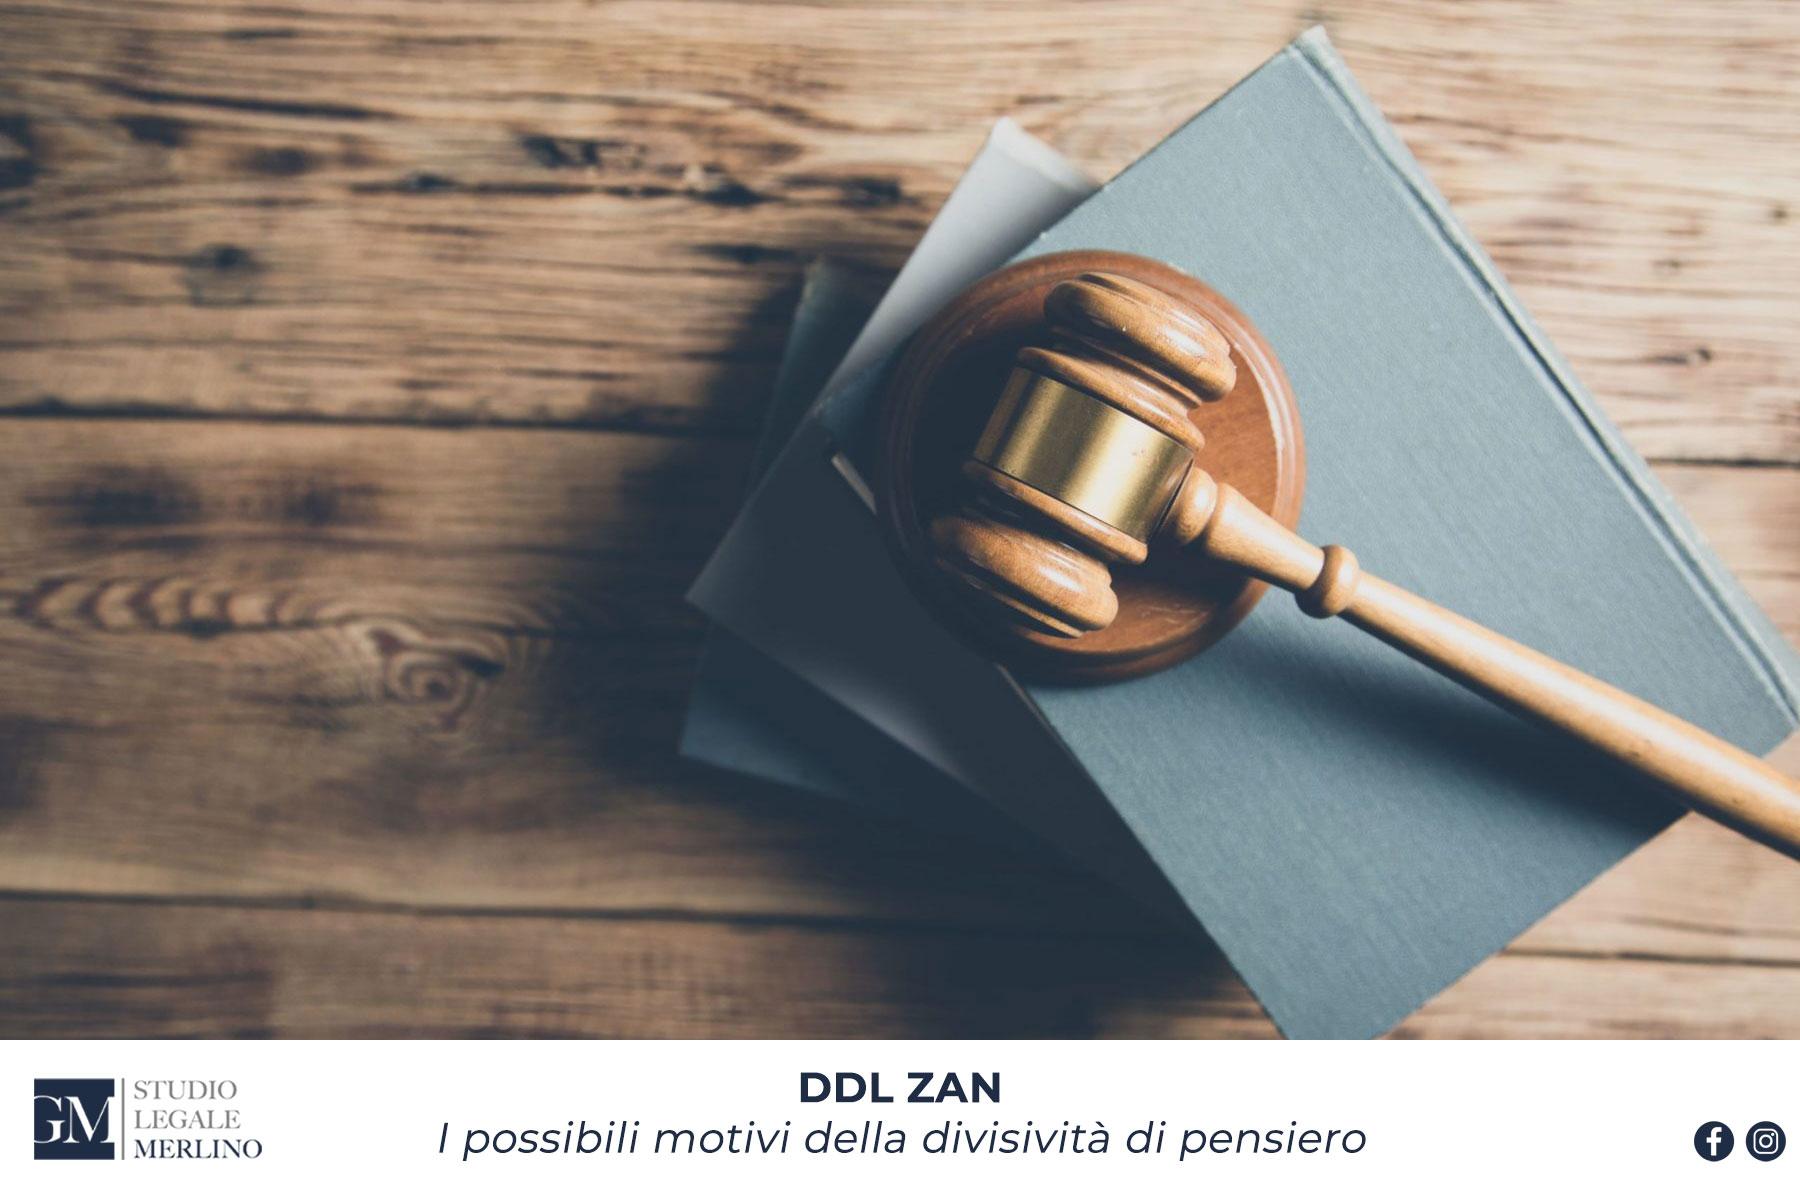 DDL ZAN, i possibili motivi della divisività di pensiero